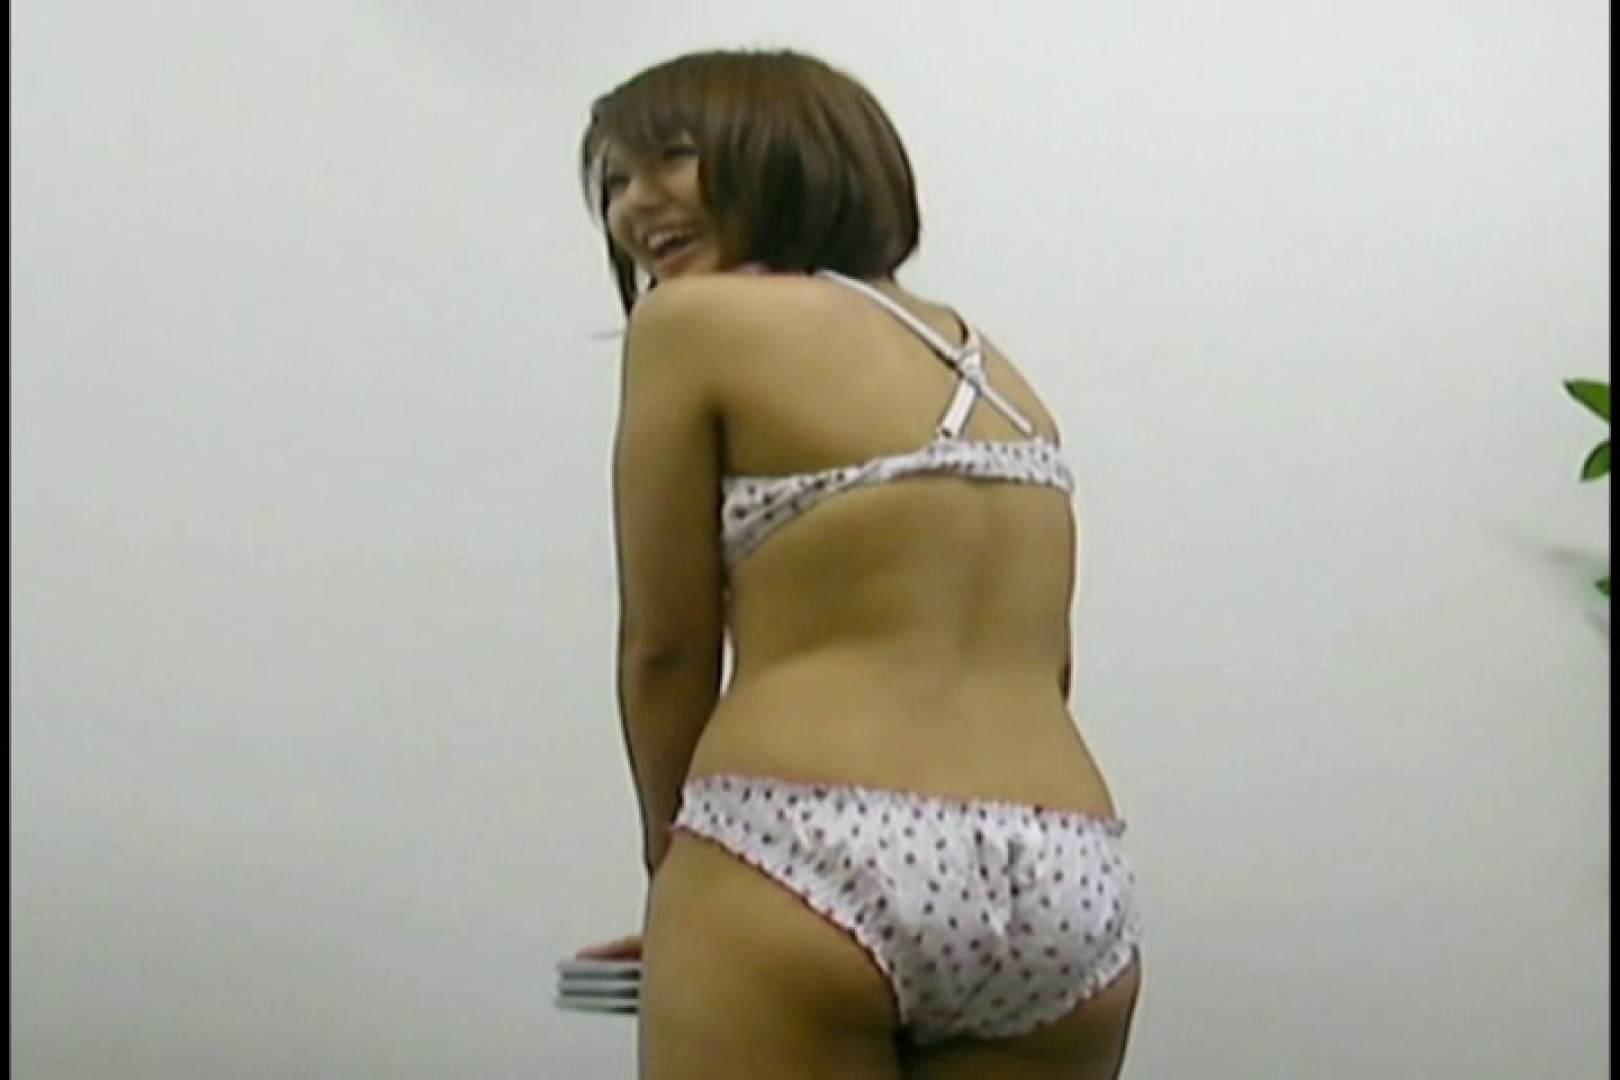 素人撮影 下着だけの撮影のはずが・・・ ゆな20歳 Hなお姉さん | おっぱい  52pic 17